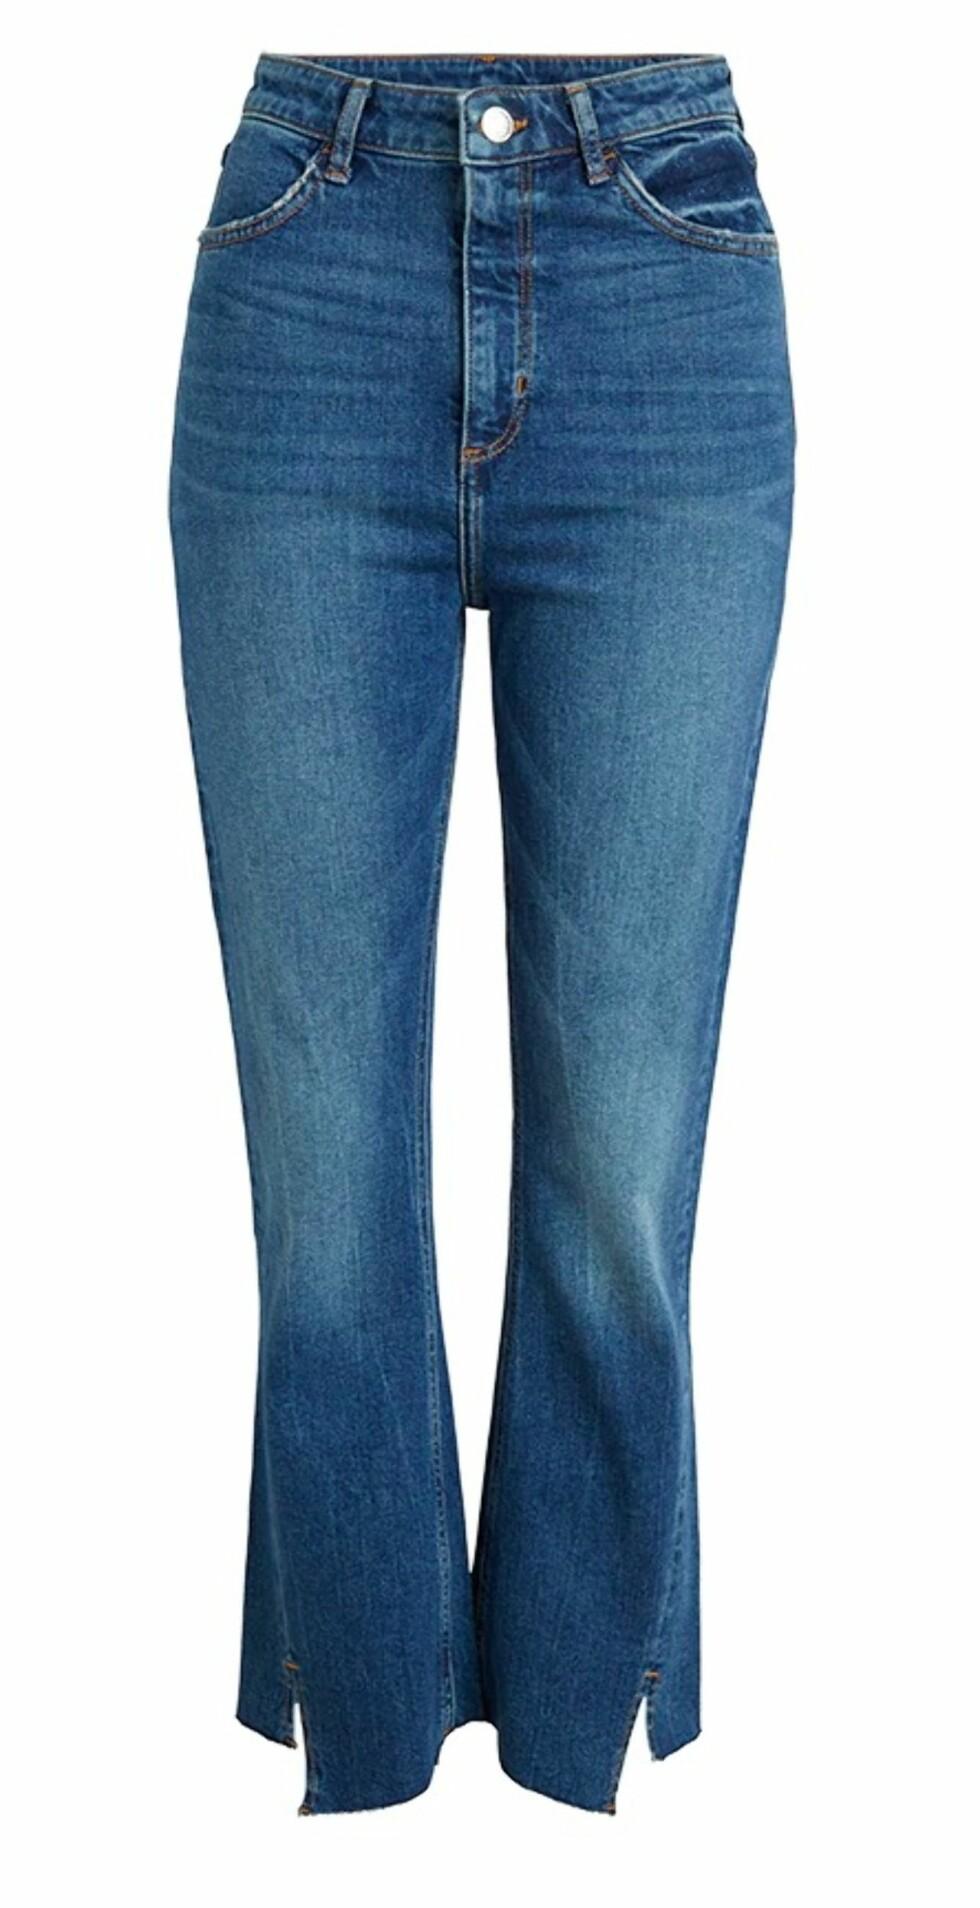 Jeans fra | Lindex | https://www.lindex.com/no/dame/nyheter/7749915/Kick-Flare-High-Jeans/